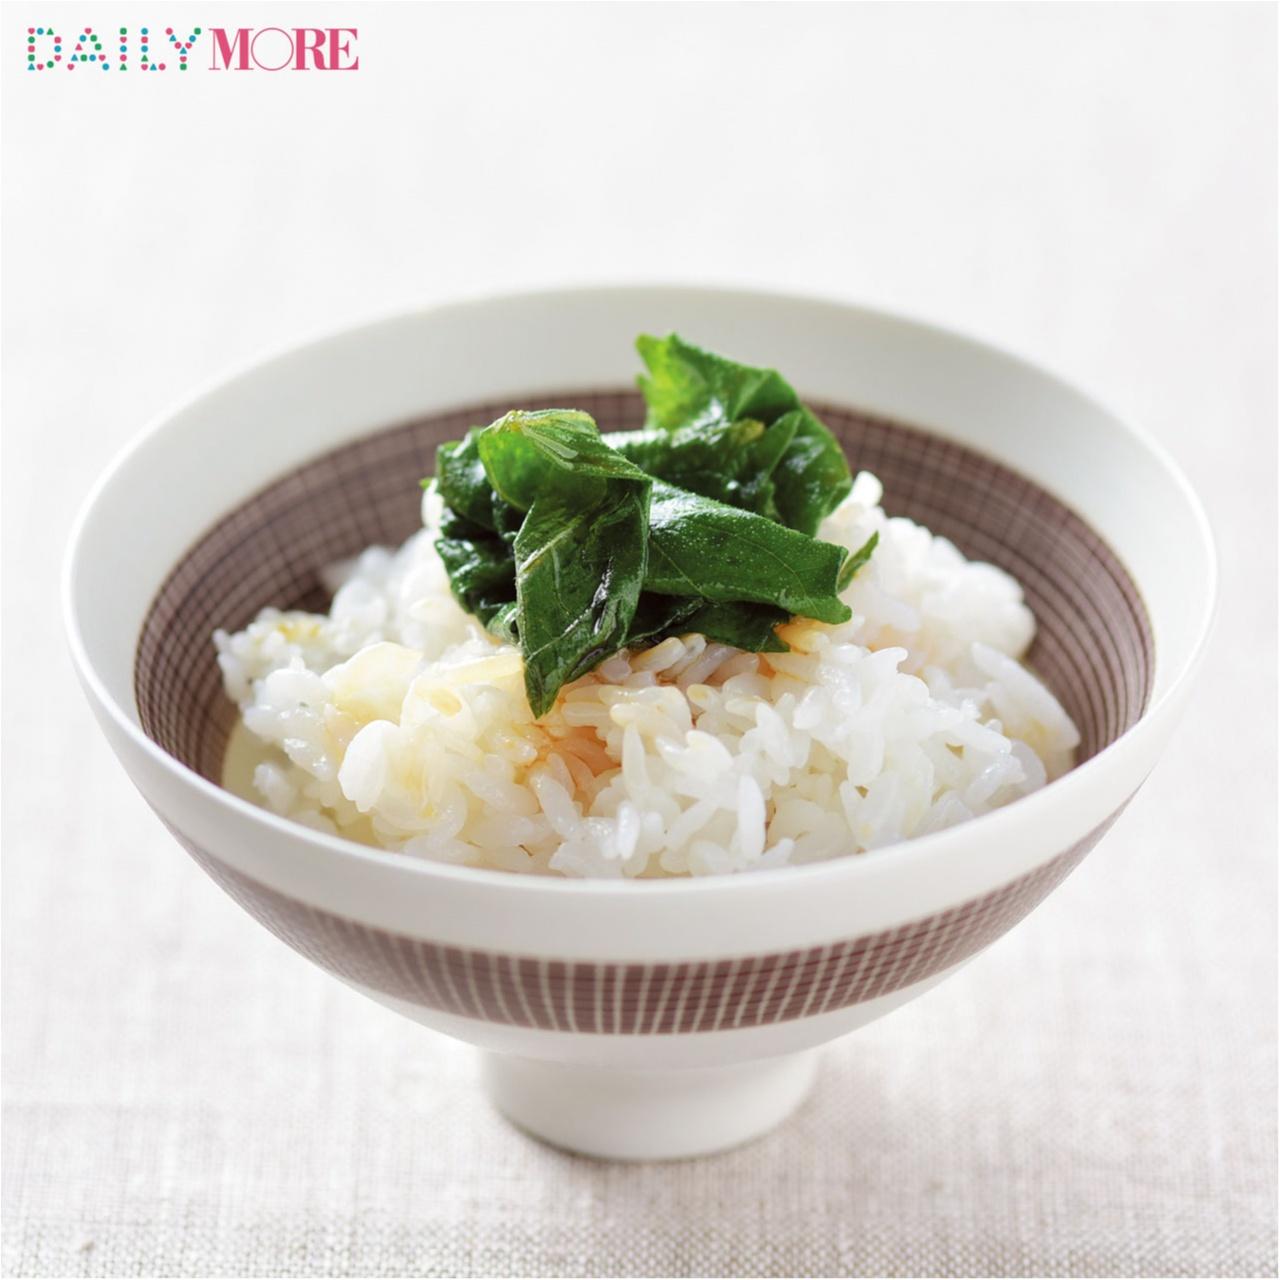 ふりかけや缶づめでぱぱっと大変身♡ 大のお米好きが教える「BEST OF ごはんのお供」まぜまぜ系3選_1